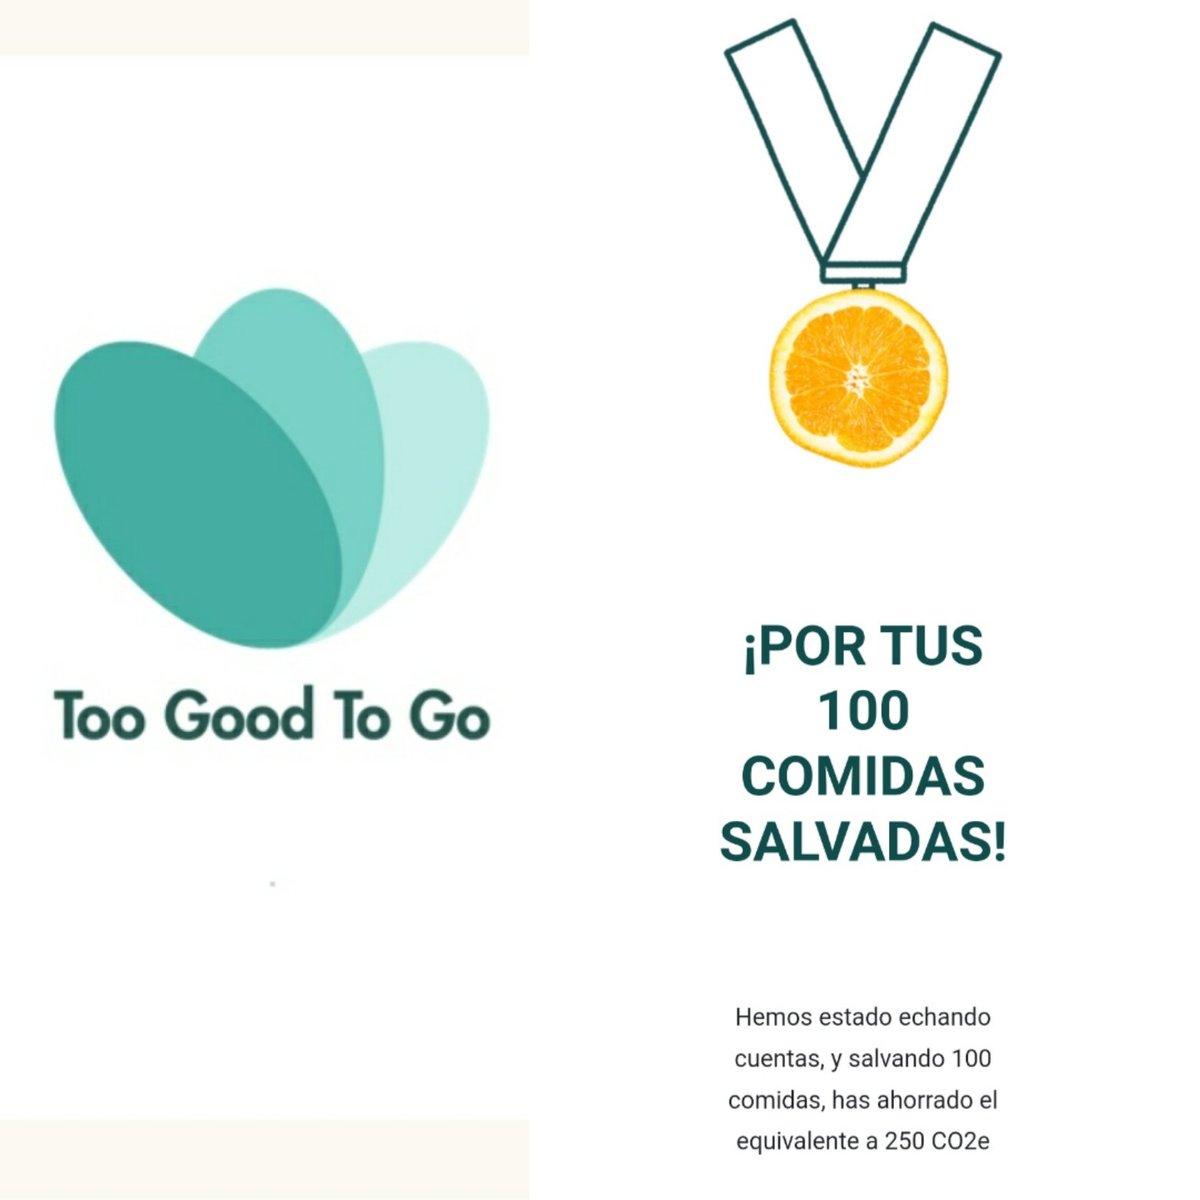 #Buenosdias Empezamos la semana con una gran noticia: ¡Ya llevamos salvados más de 100 desayunos en #ToGoodToGo ! #Gracias y recuerda que tú también puedes ayudarnos en nuestra guerra contra el desperdicio de alimentos. #Ibisbudget #alcorcón #móstoles https://t.co/M86qRcXwR5